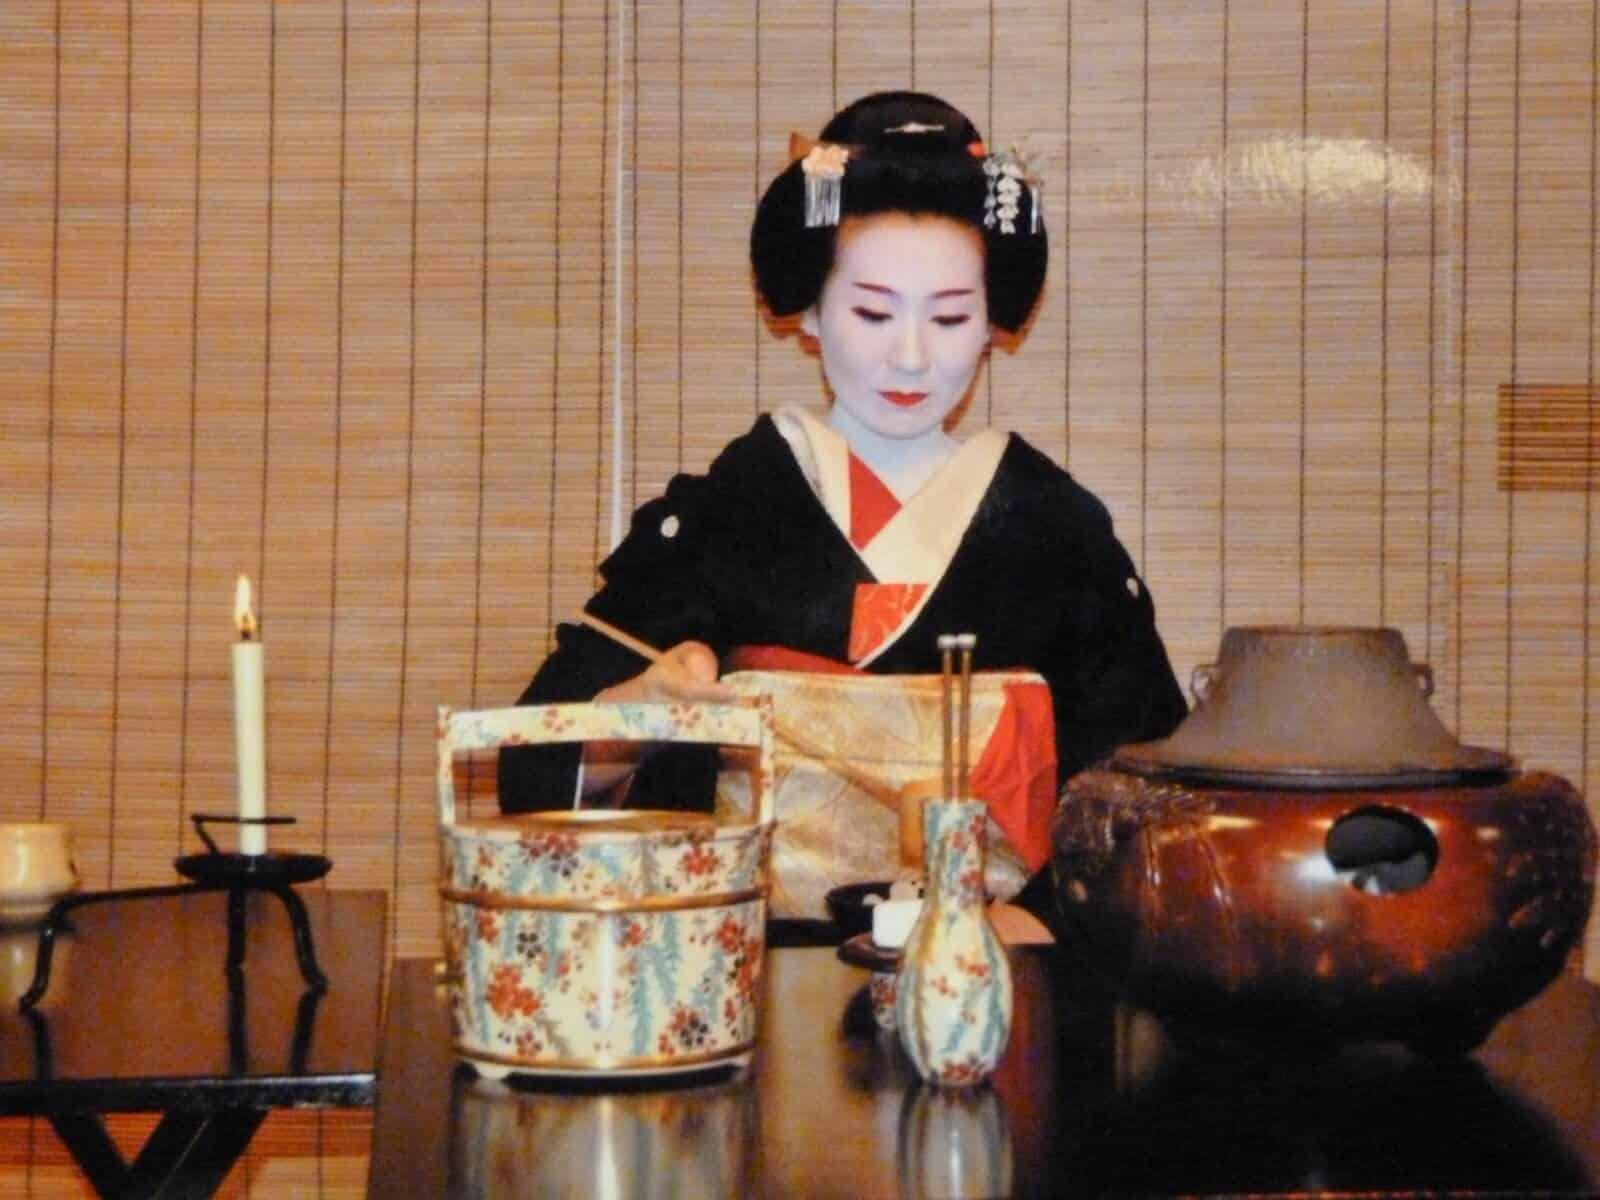 Manami as a geisha.